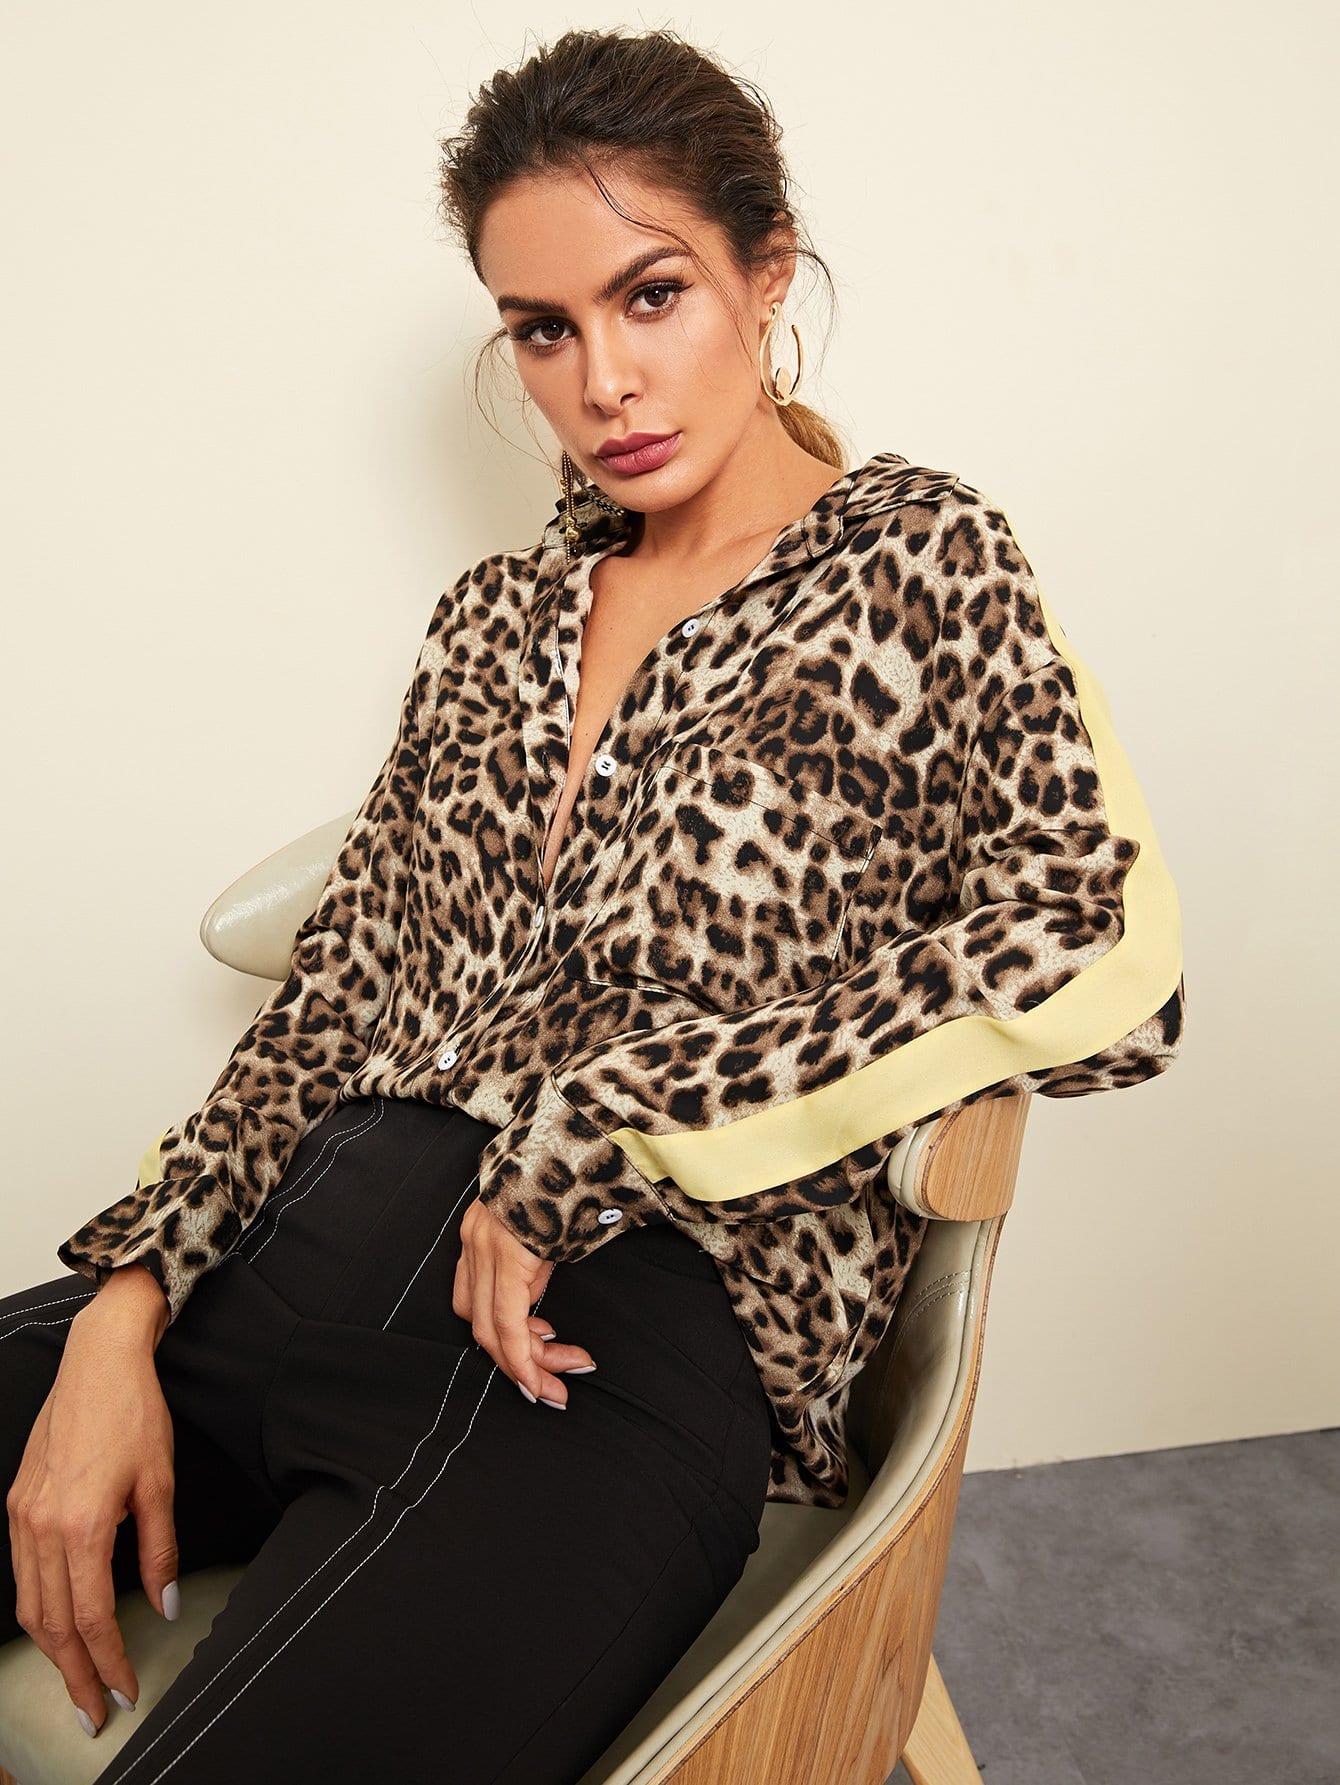 Карманная рубашка с одним карманным леопардом, Andy, SheIn  - купить со скидкой